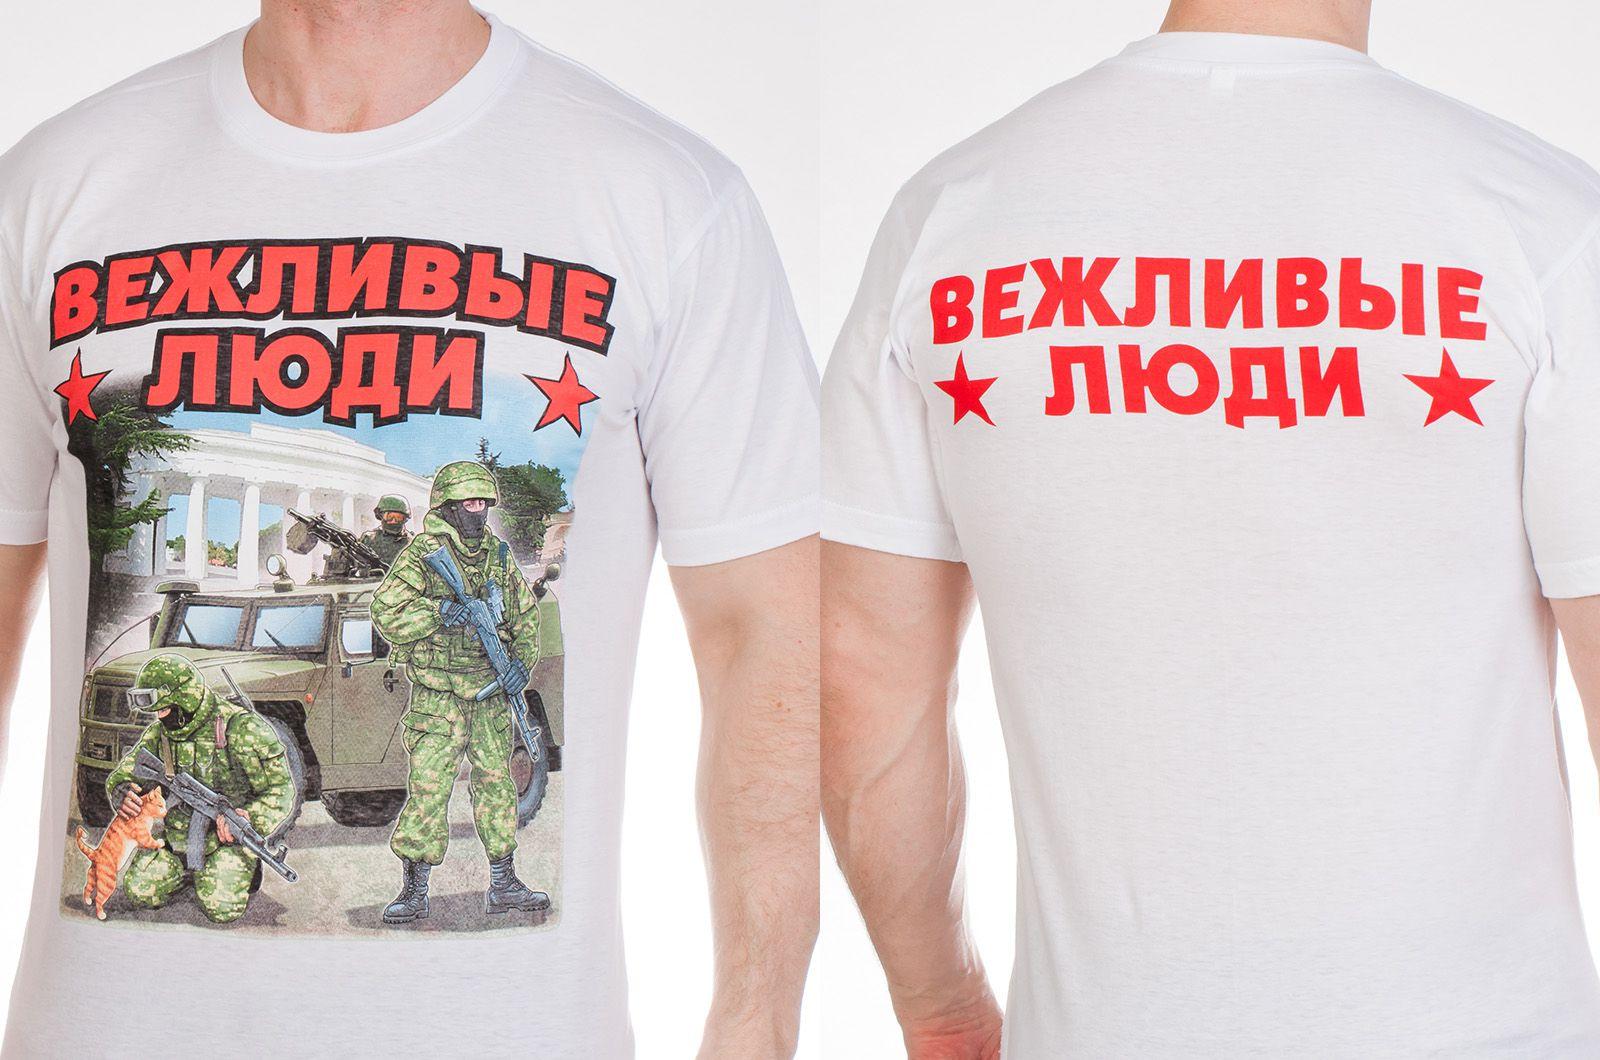 """Заказать футболки """"Осторожно! Вежливые люди"""" с доставкой"""